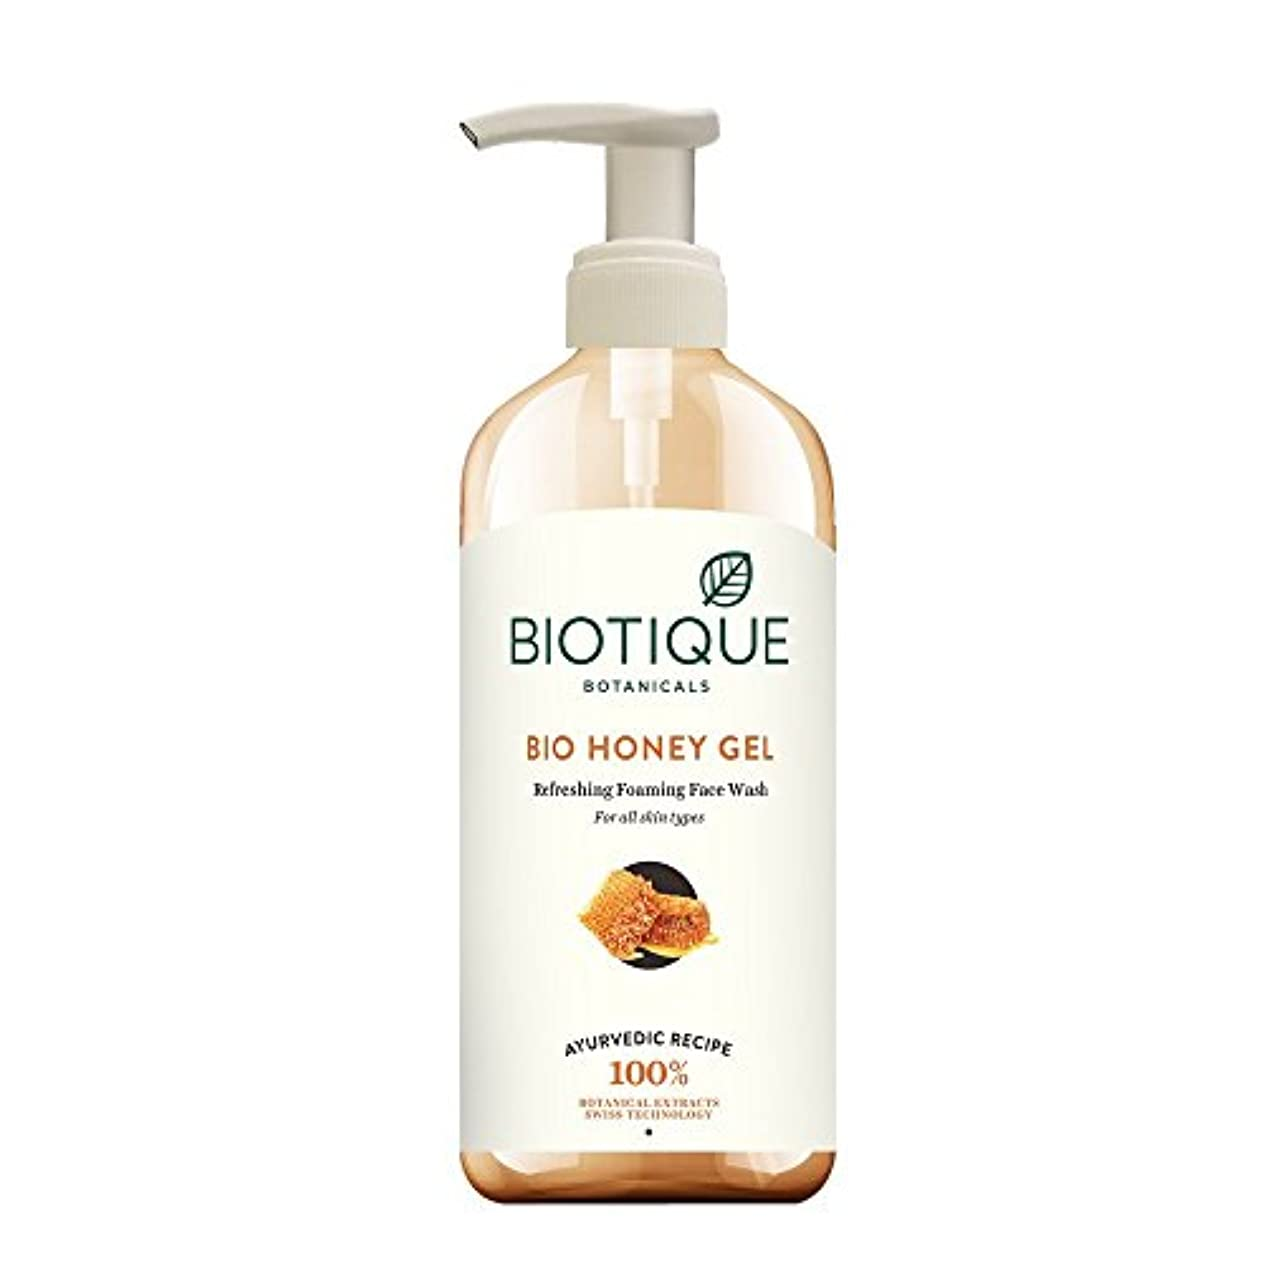 凝縮するローンスコットランド人Biotique Honey Gel Face Wash